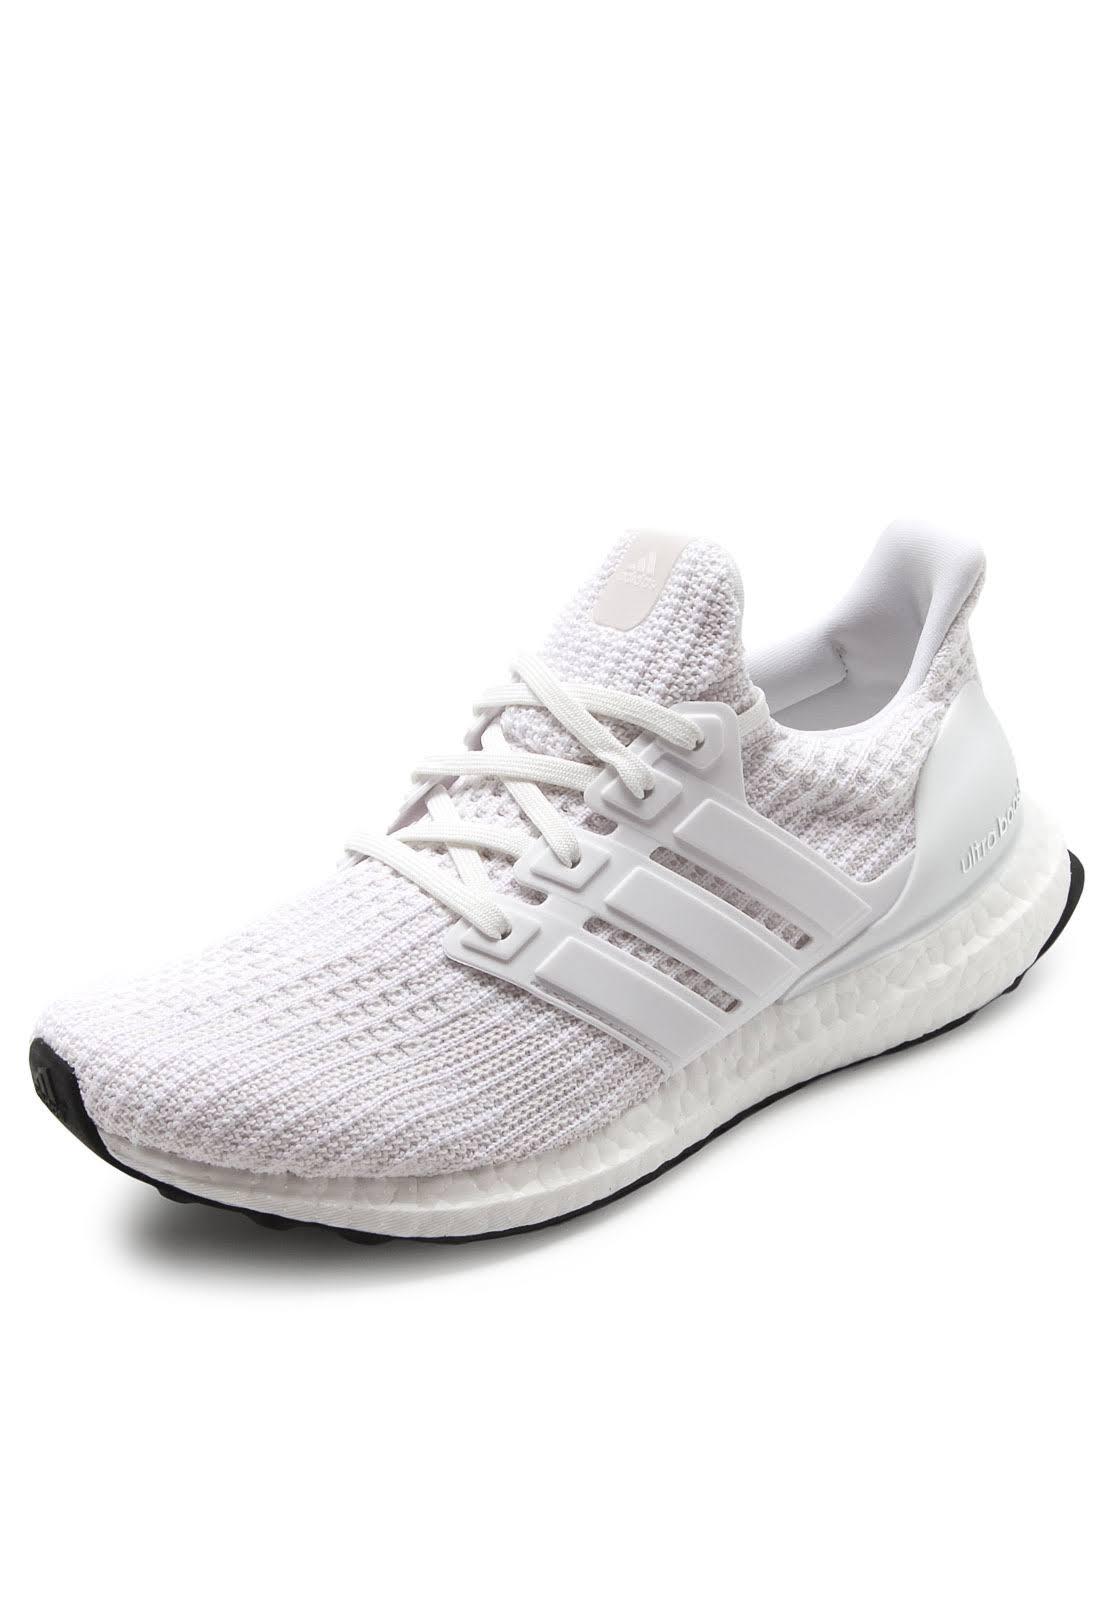 ftwrwhite Tênis Ultraboost Homem Adidas Running ftwrwhite Ftwrwhite Branca Yg4fqw